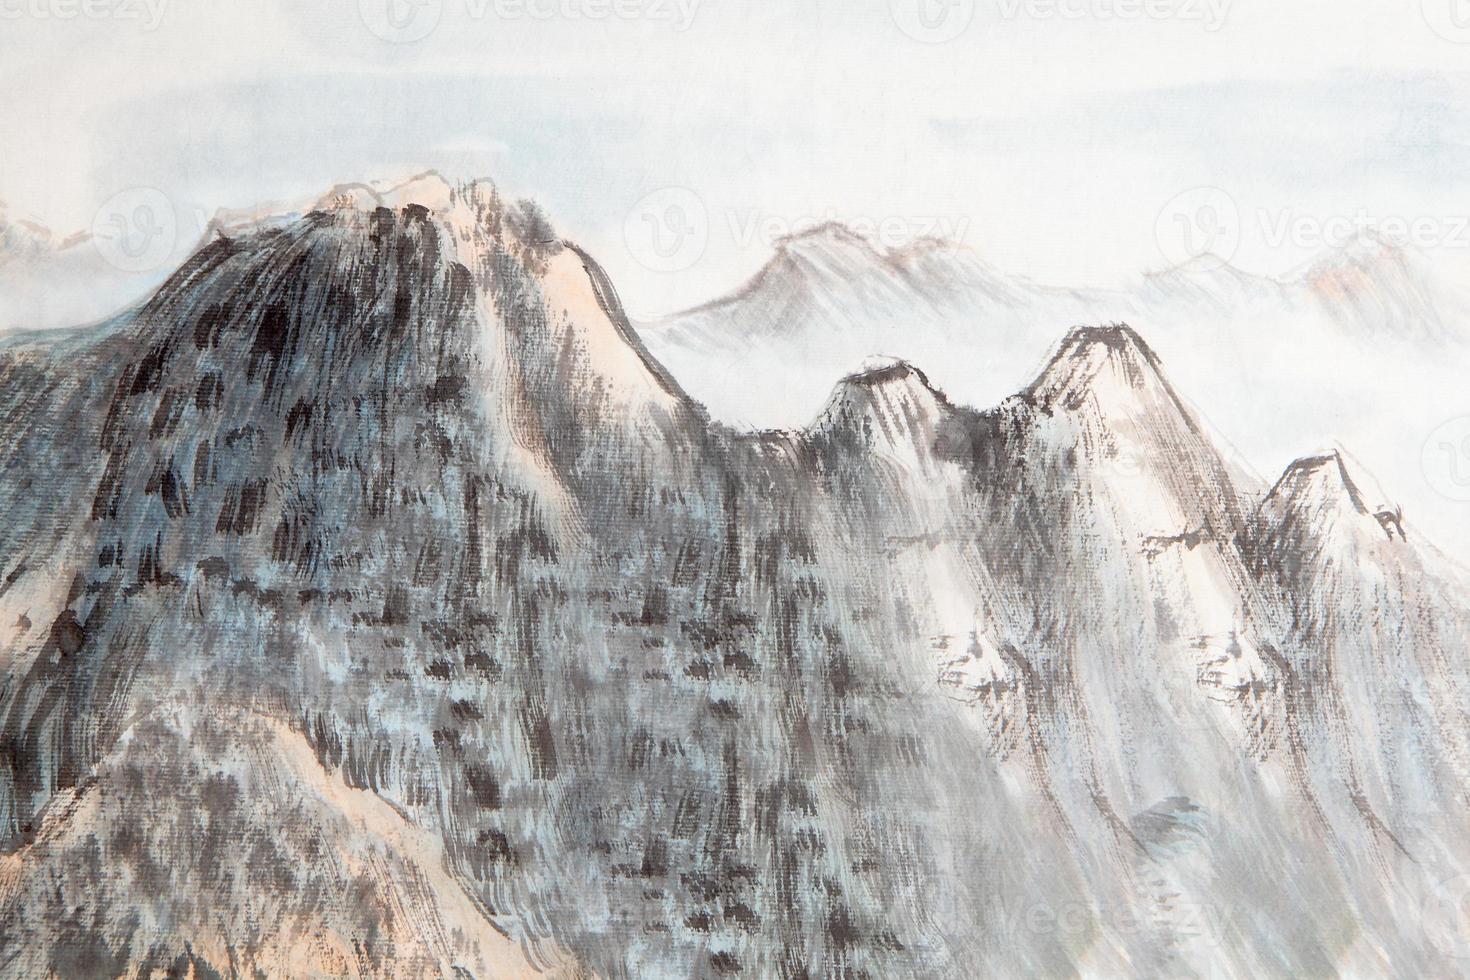 pittura tradizionale cinese, montagna foto